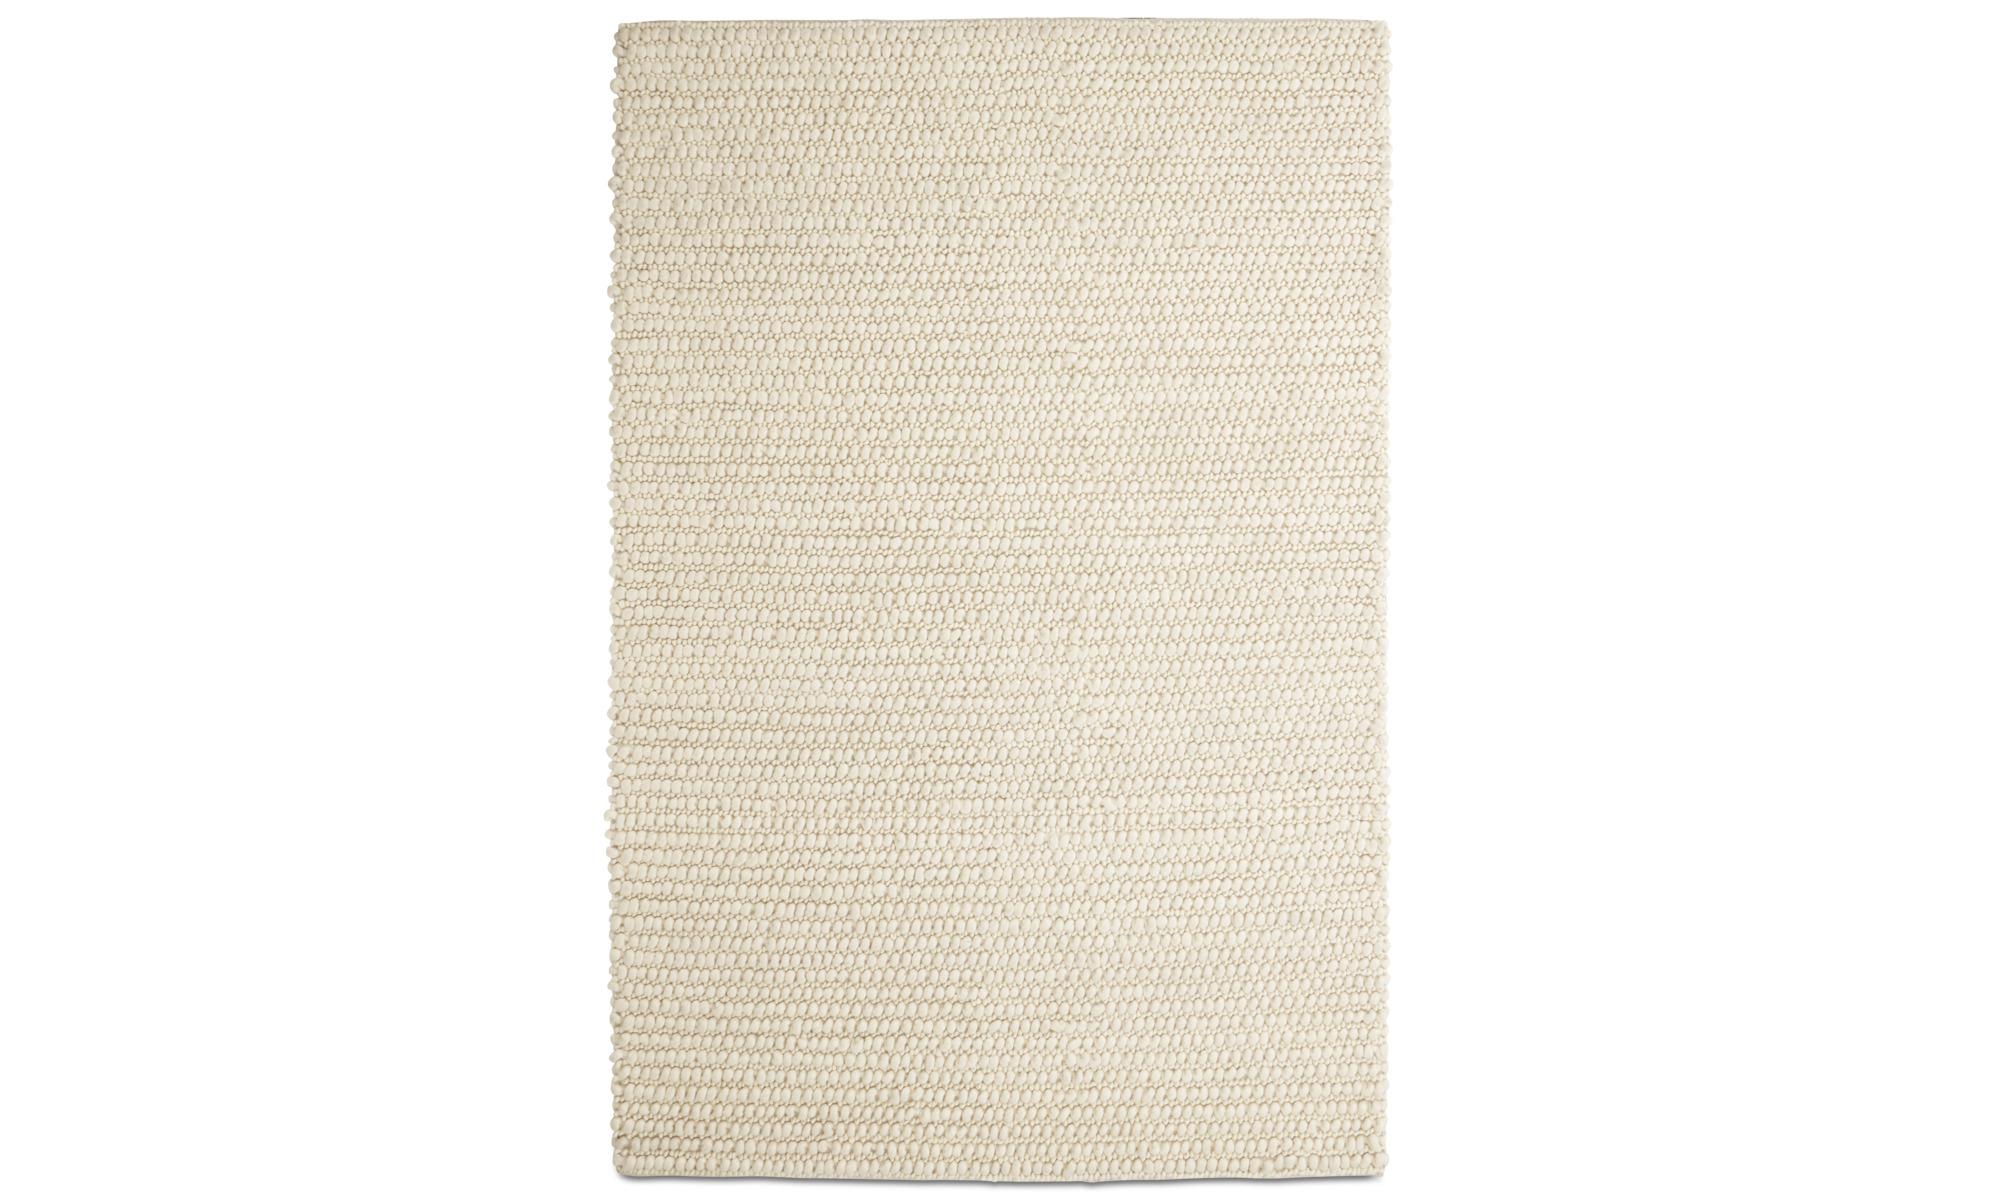 Rugs - Nordic rug - rectangular - Beige - Wool